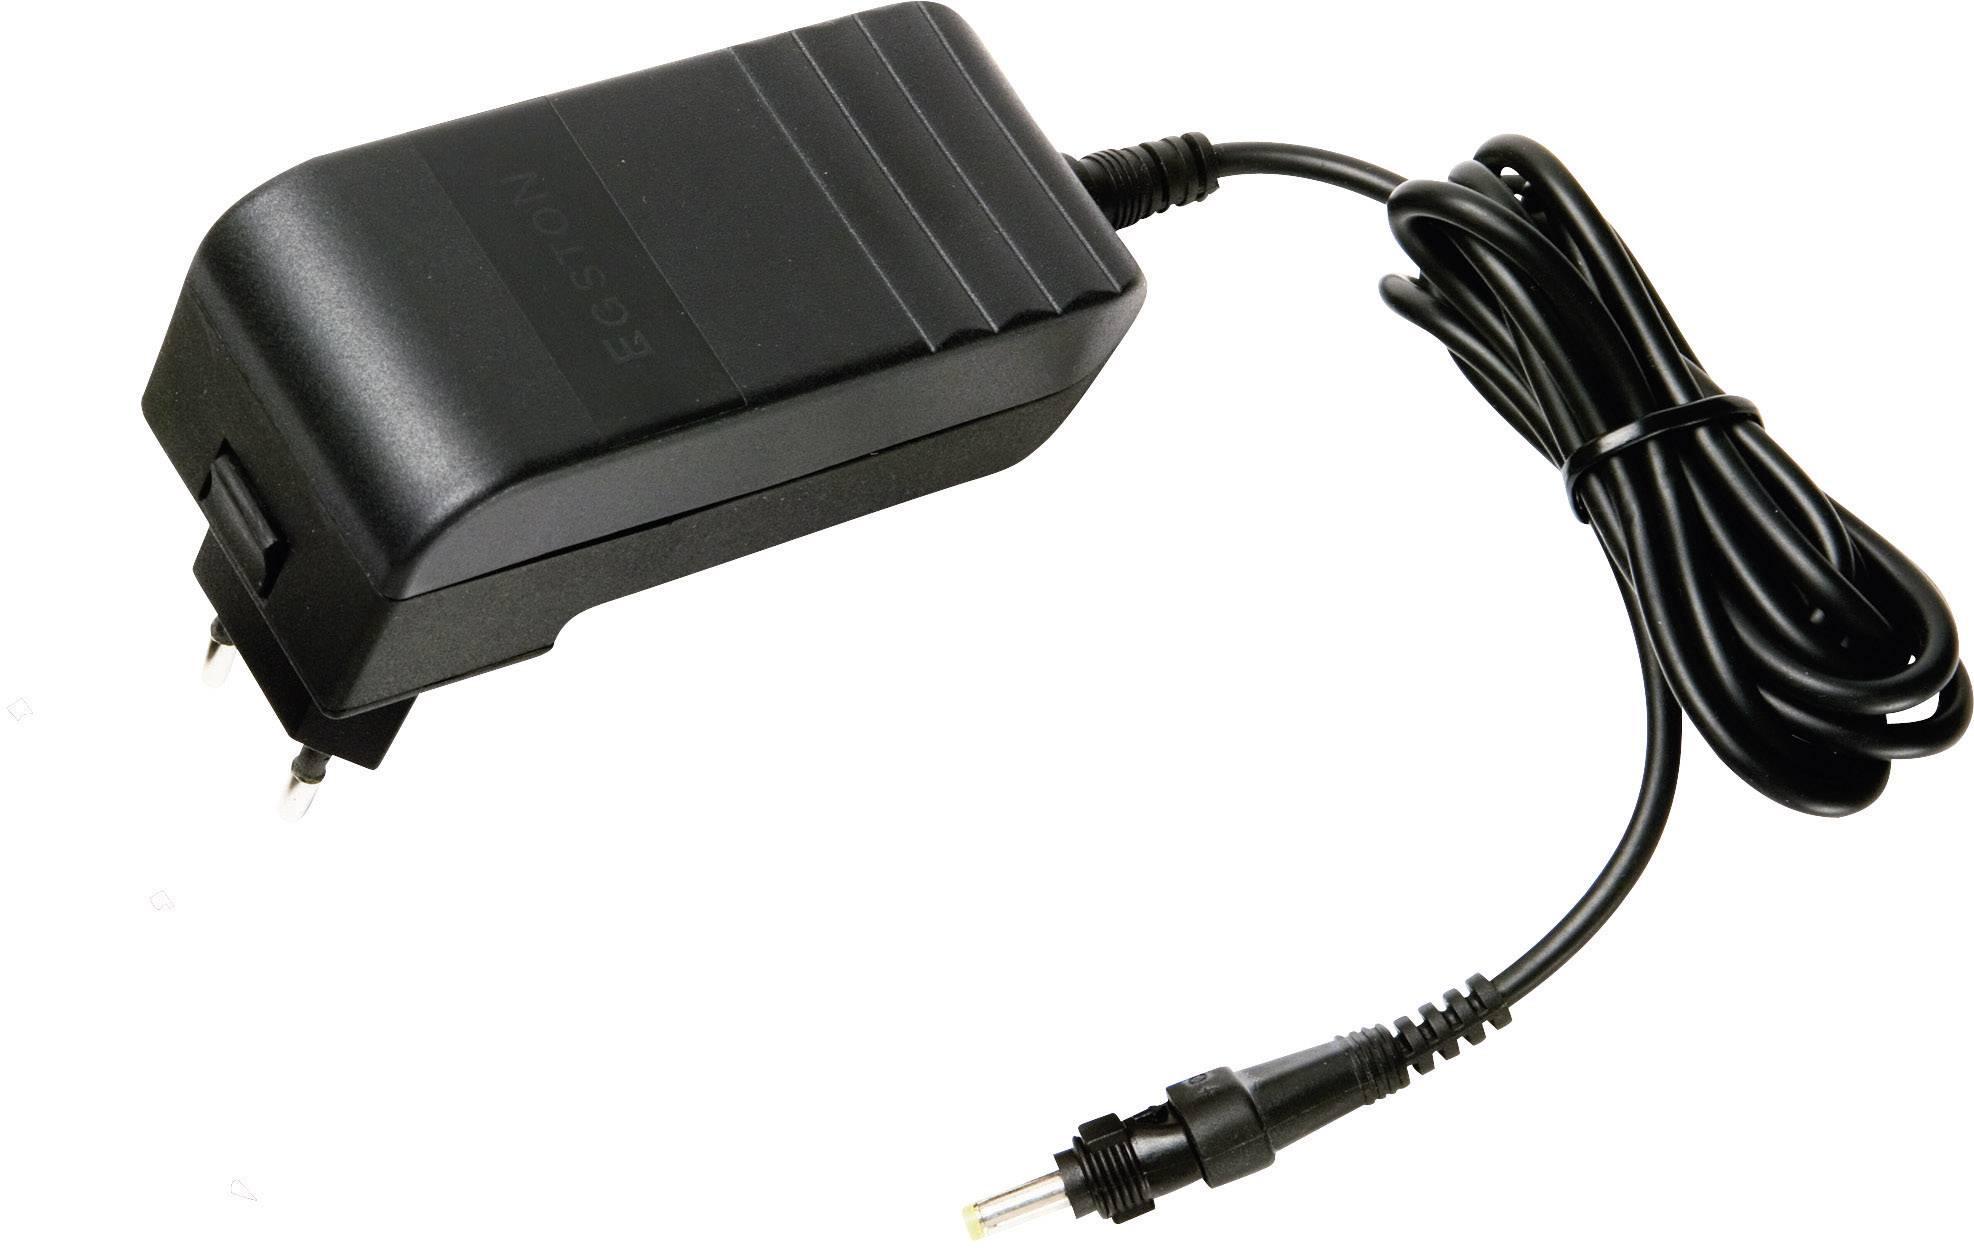 Zásuvkový adaptér so stálym napätím Egston 003920226, 30 W, 2 A